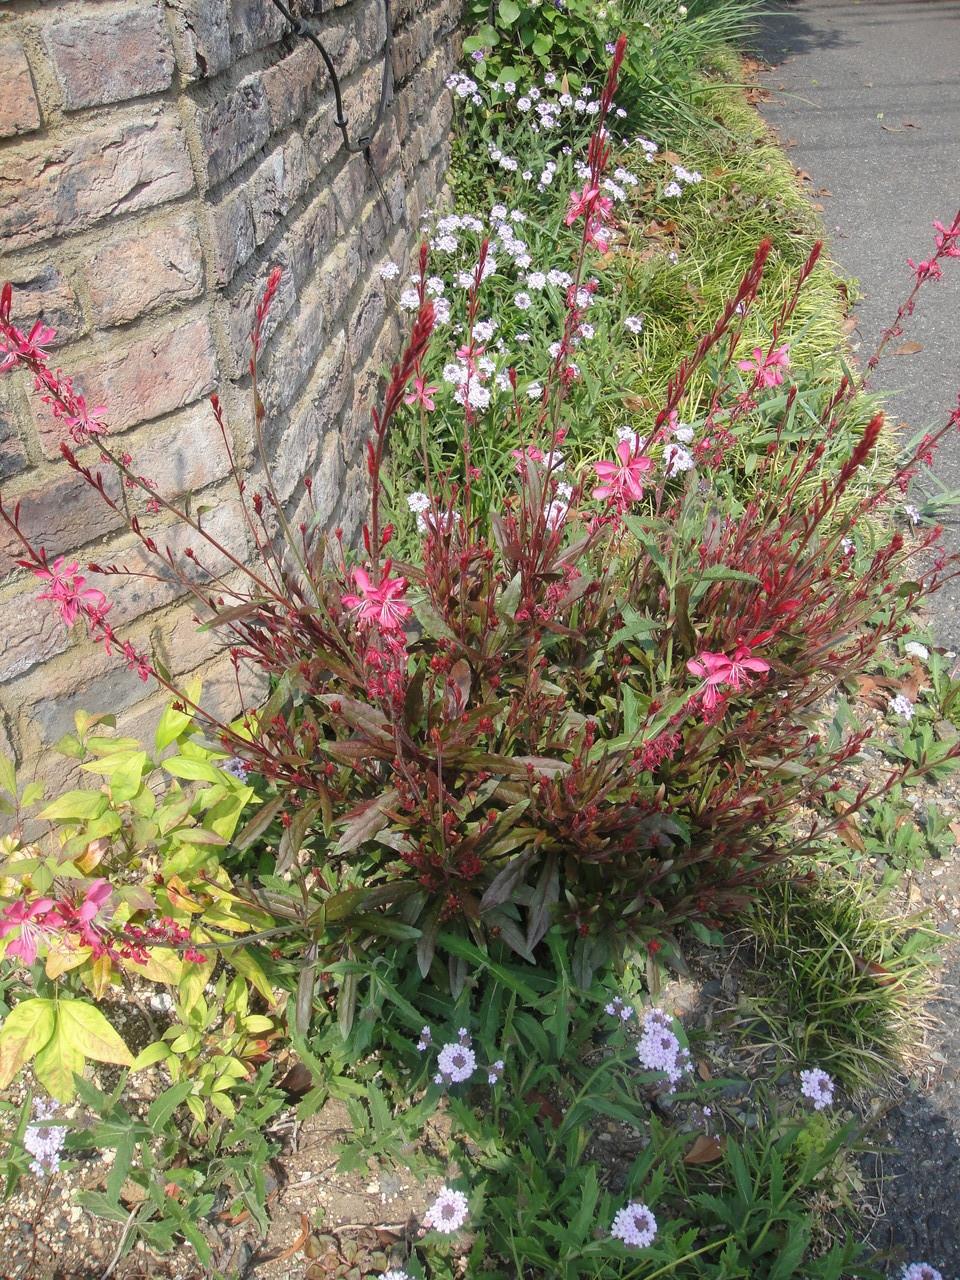 ガウラ(白蝶草)は暑さ寒さに強く、病害虫の心配もほとんどなく、育てやすい丈夫な植物です。